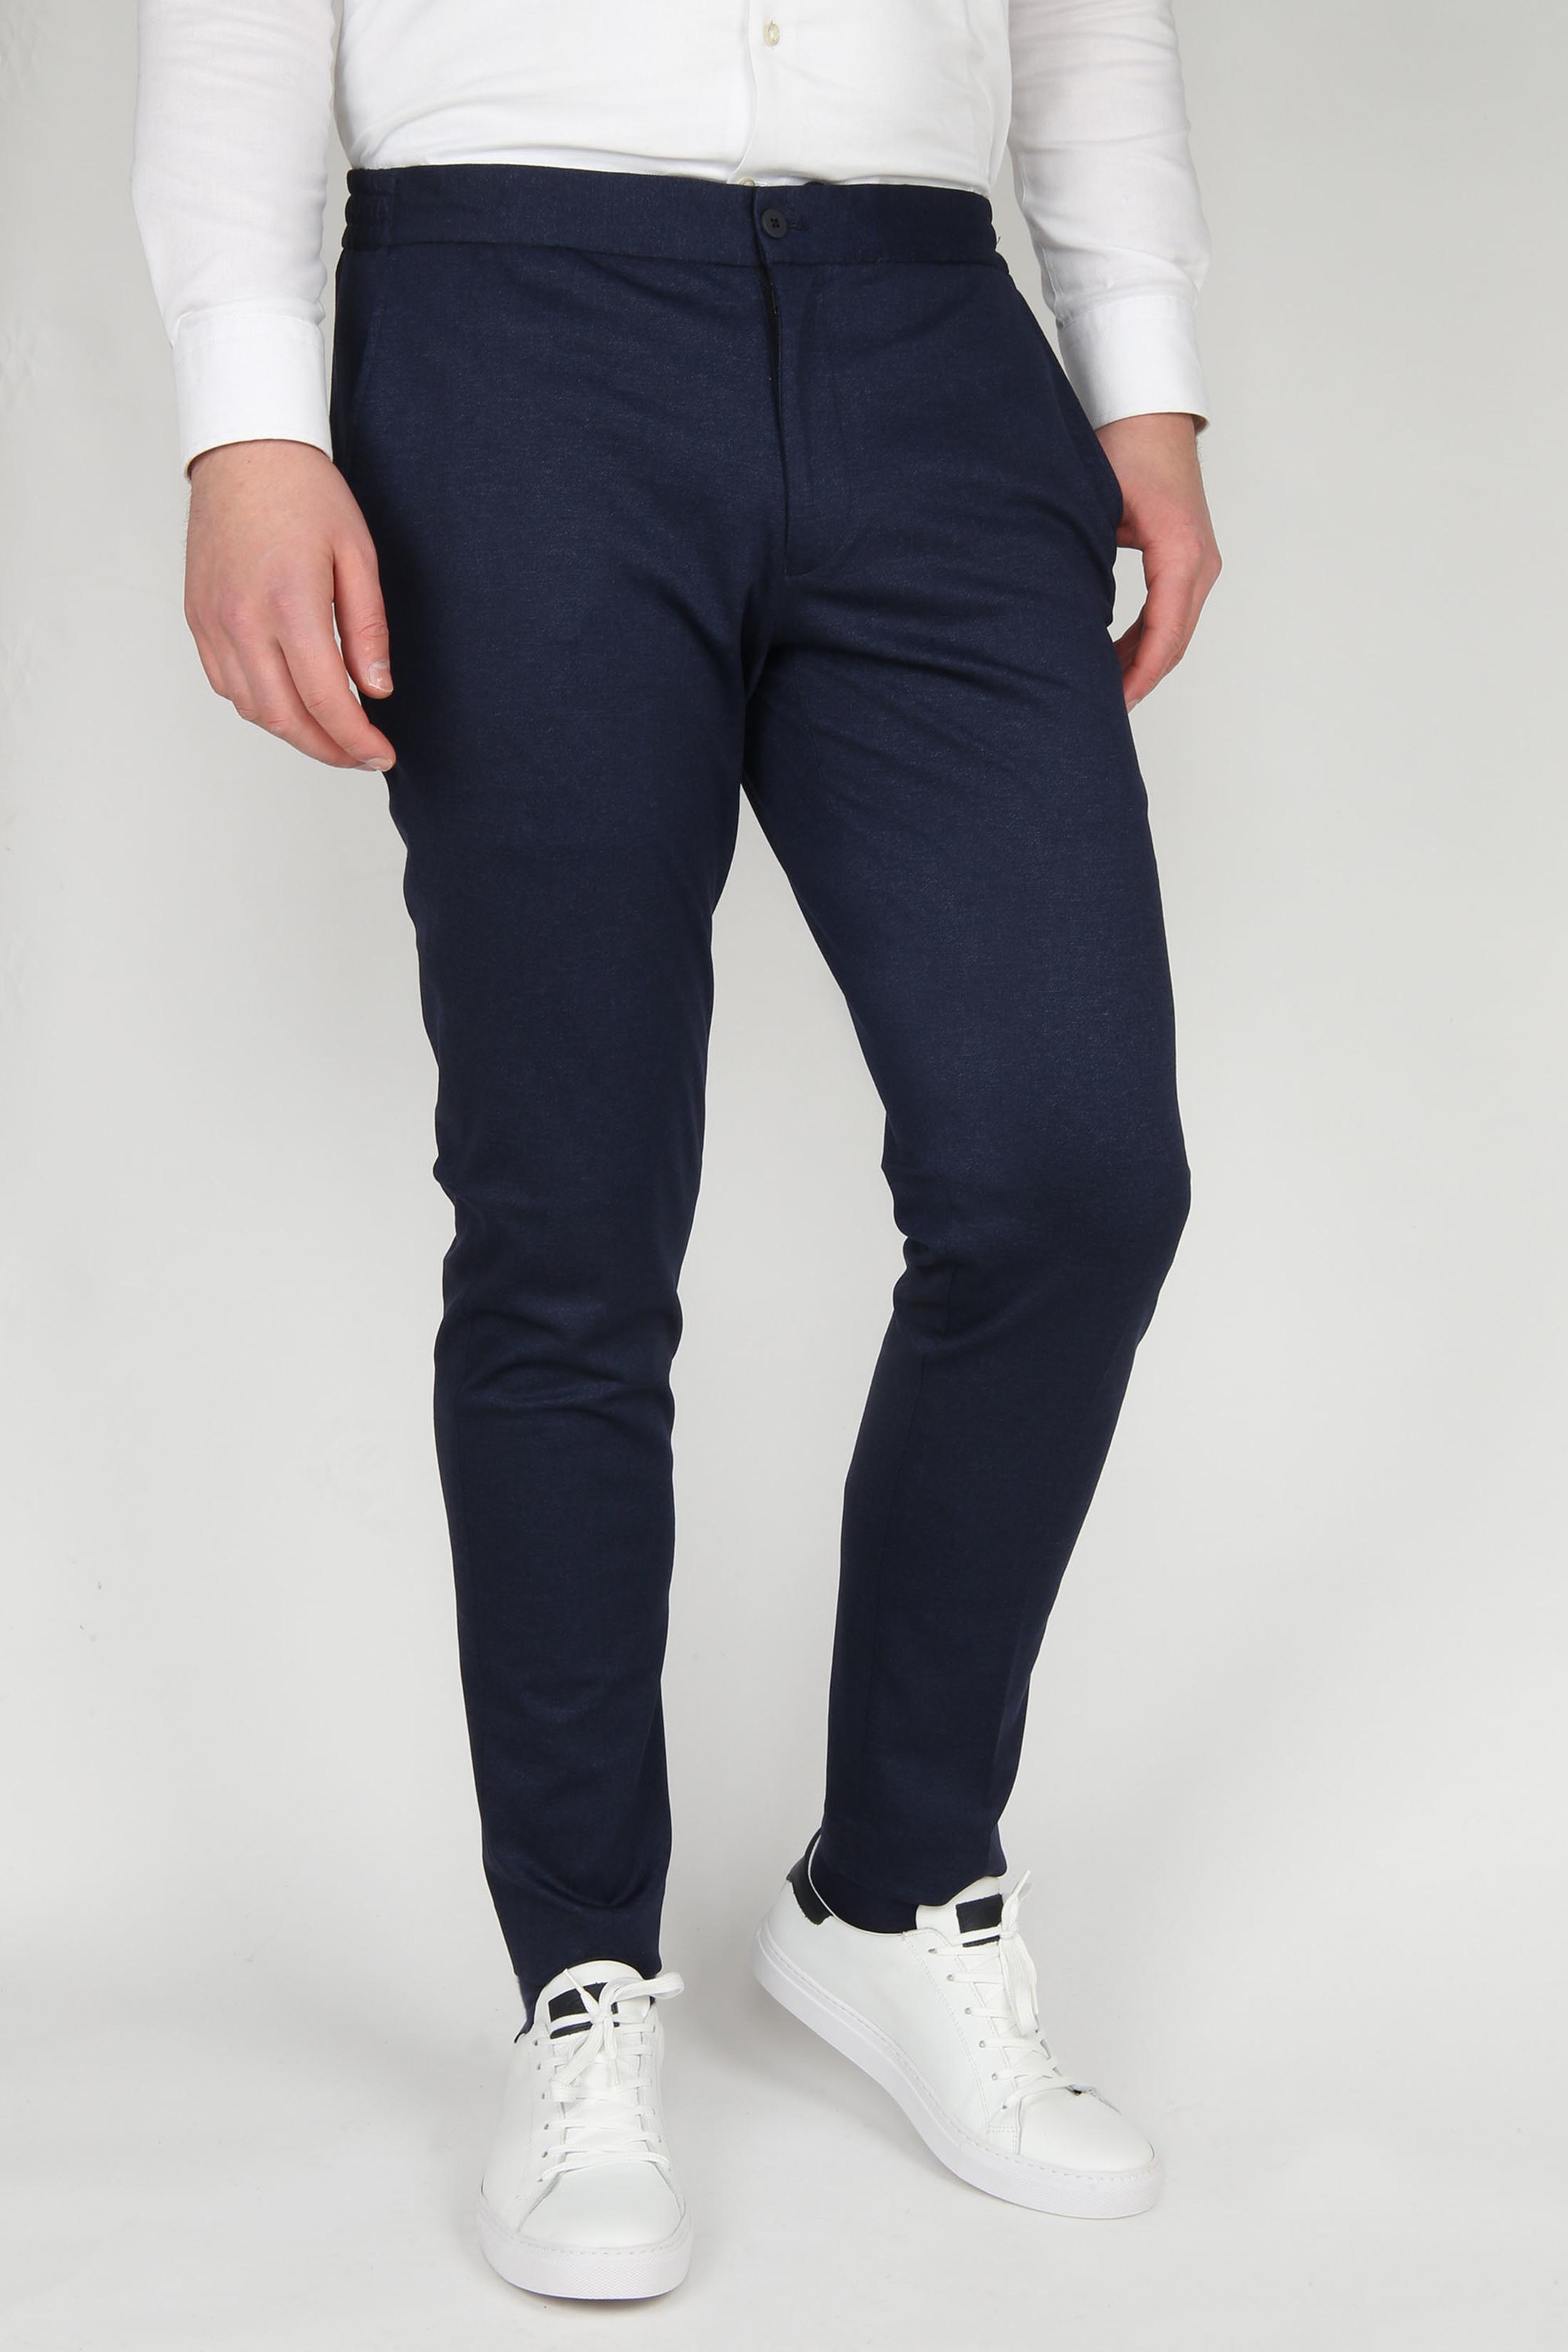 Suitable Respect Jog Pantalon Melange Navy